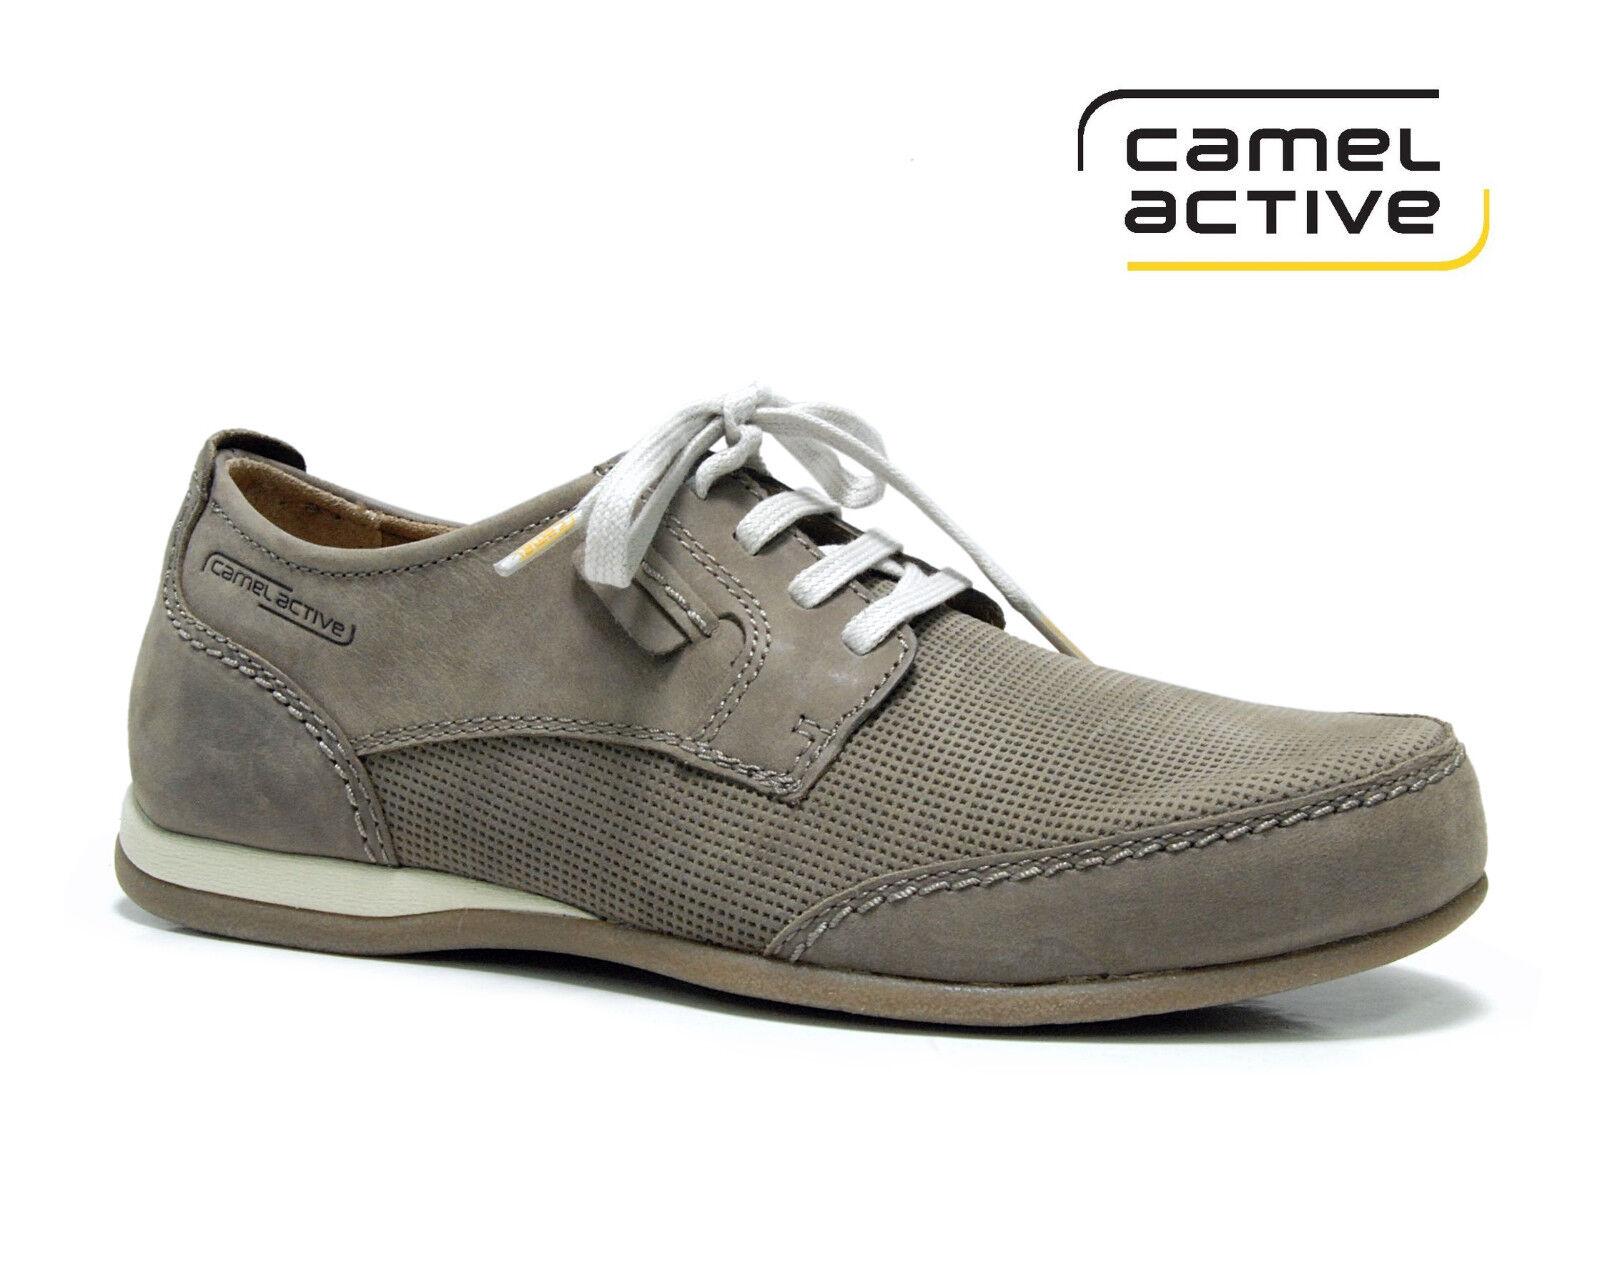 Camel Active Herren Halbschuh Dunkelbeige / Grau 381.15.02